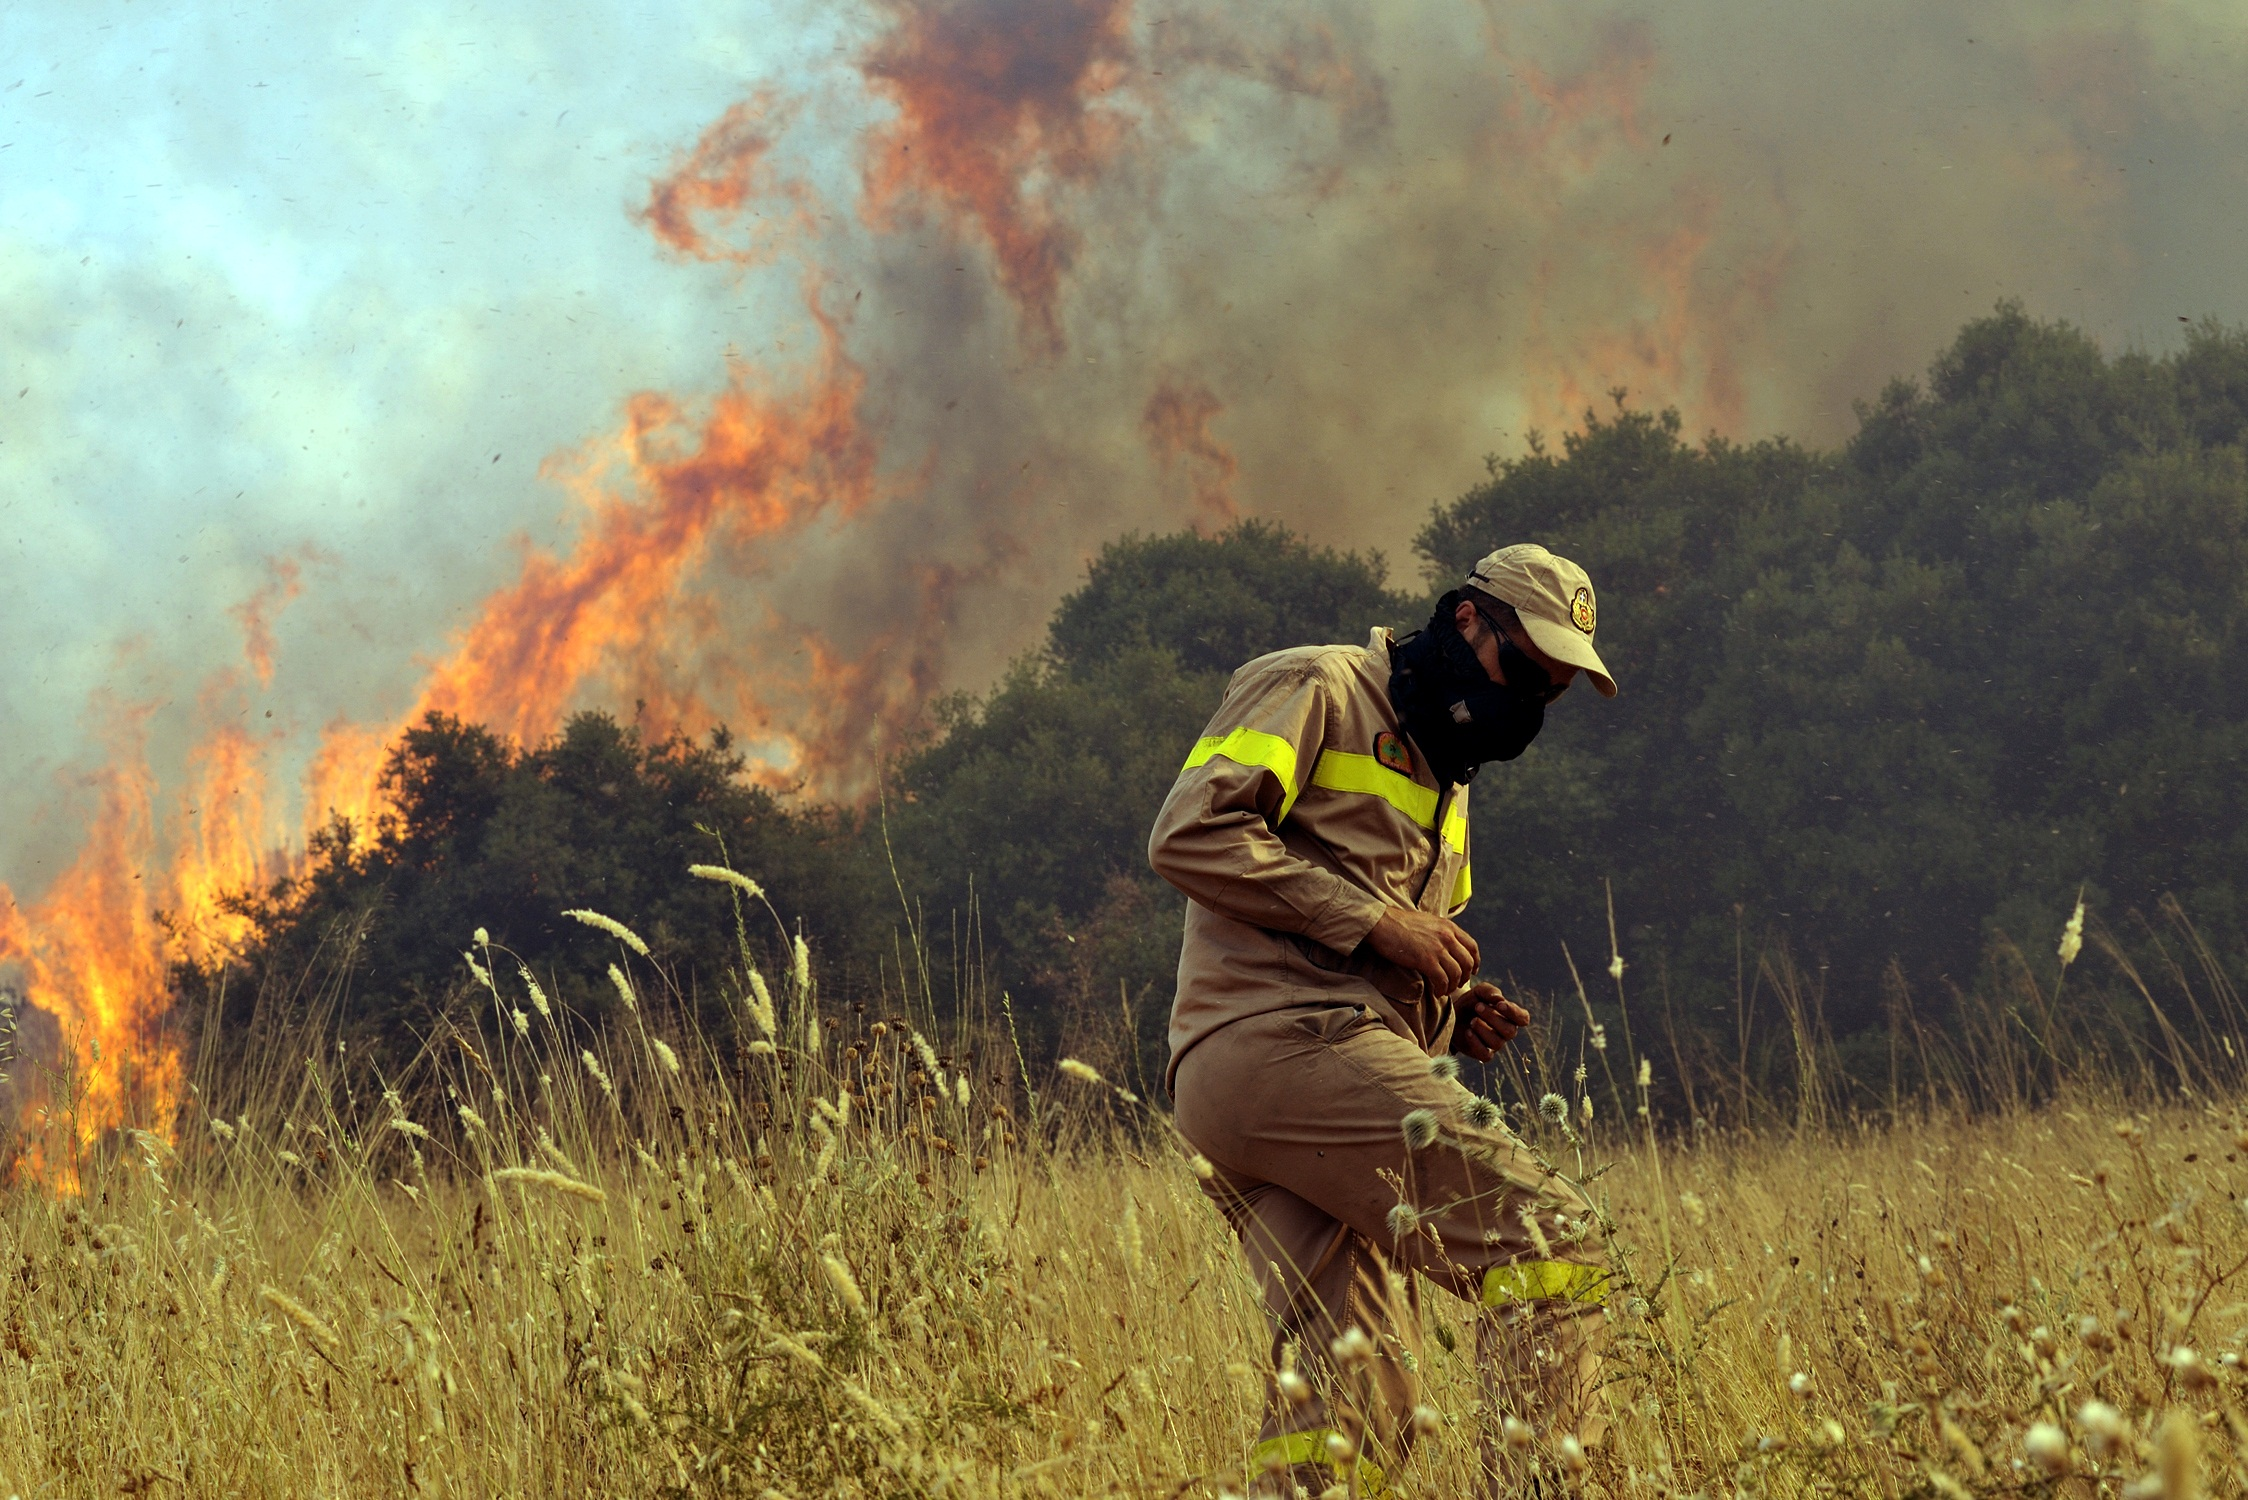 Οι φλόγες ''καταπίνουν'' τα πάντα στο πέρασμά τους - ΦΩΤΟ EUROKINISSI